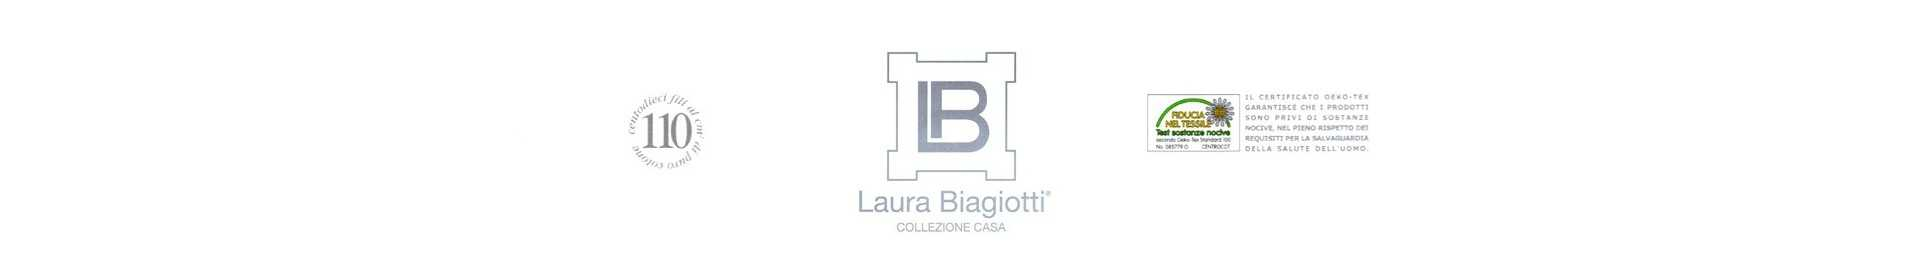 LAURA BIAGIOTTI LINEA CASA - Rasoline L.F.D. HOME